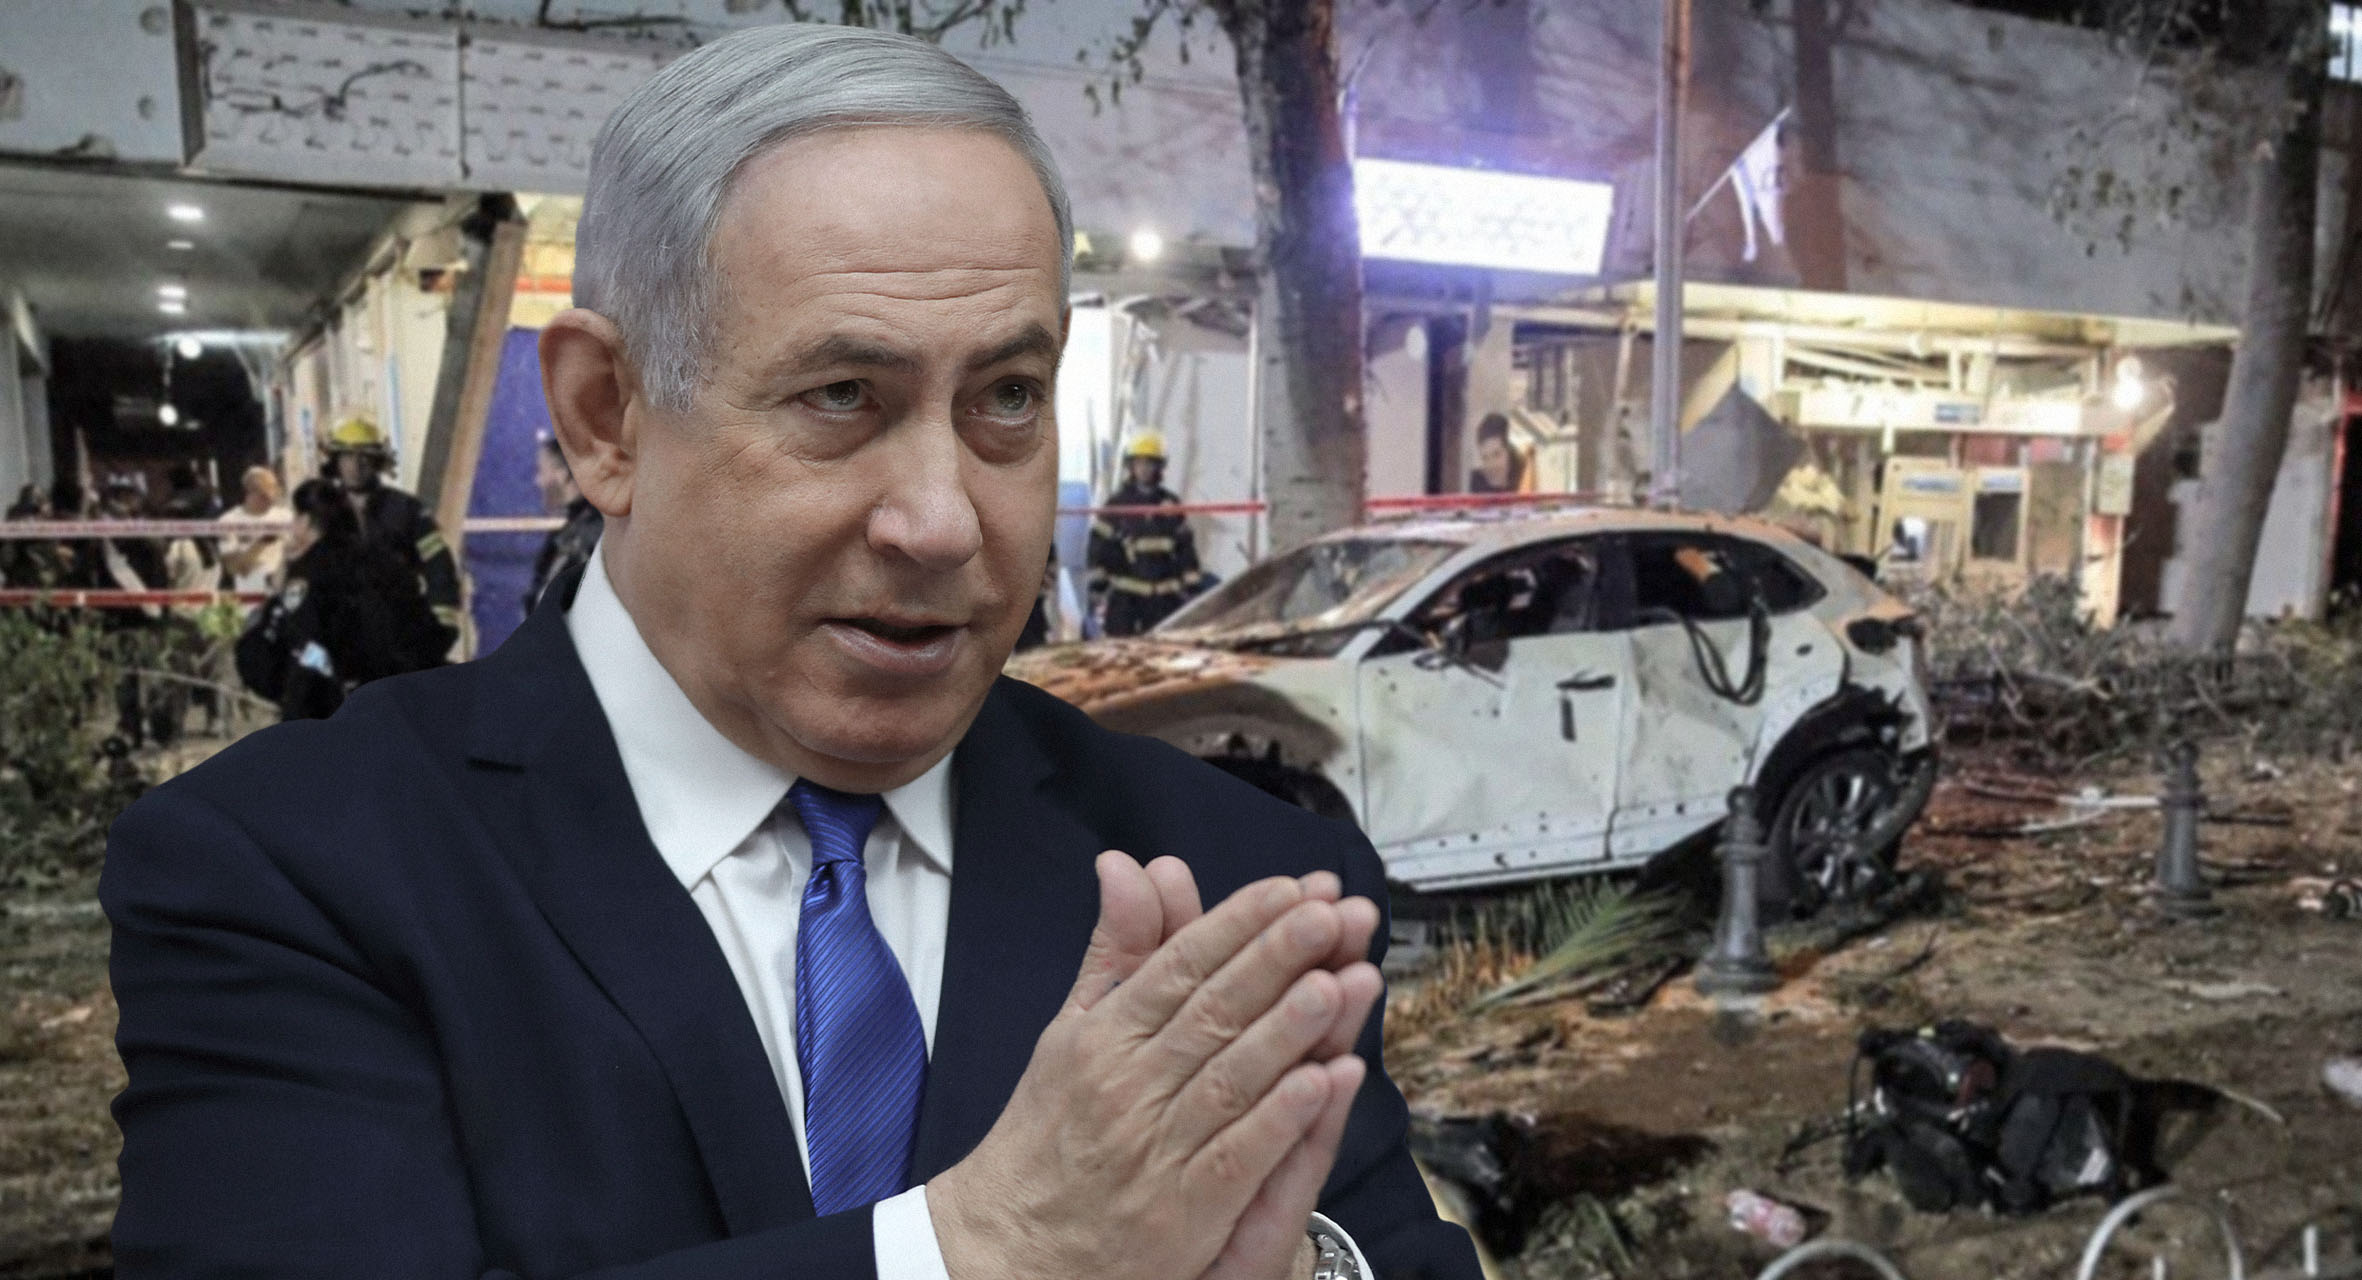 صورة نتنياهو يطالب بتحالف دولي لدعم إسرائيل كونها تخوض حرباً ضد القدس والضفة وغزة وفلسطينيي الداخل وحدها